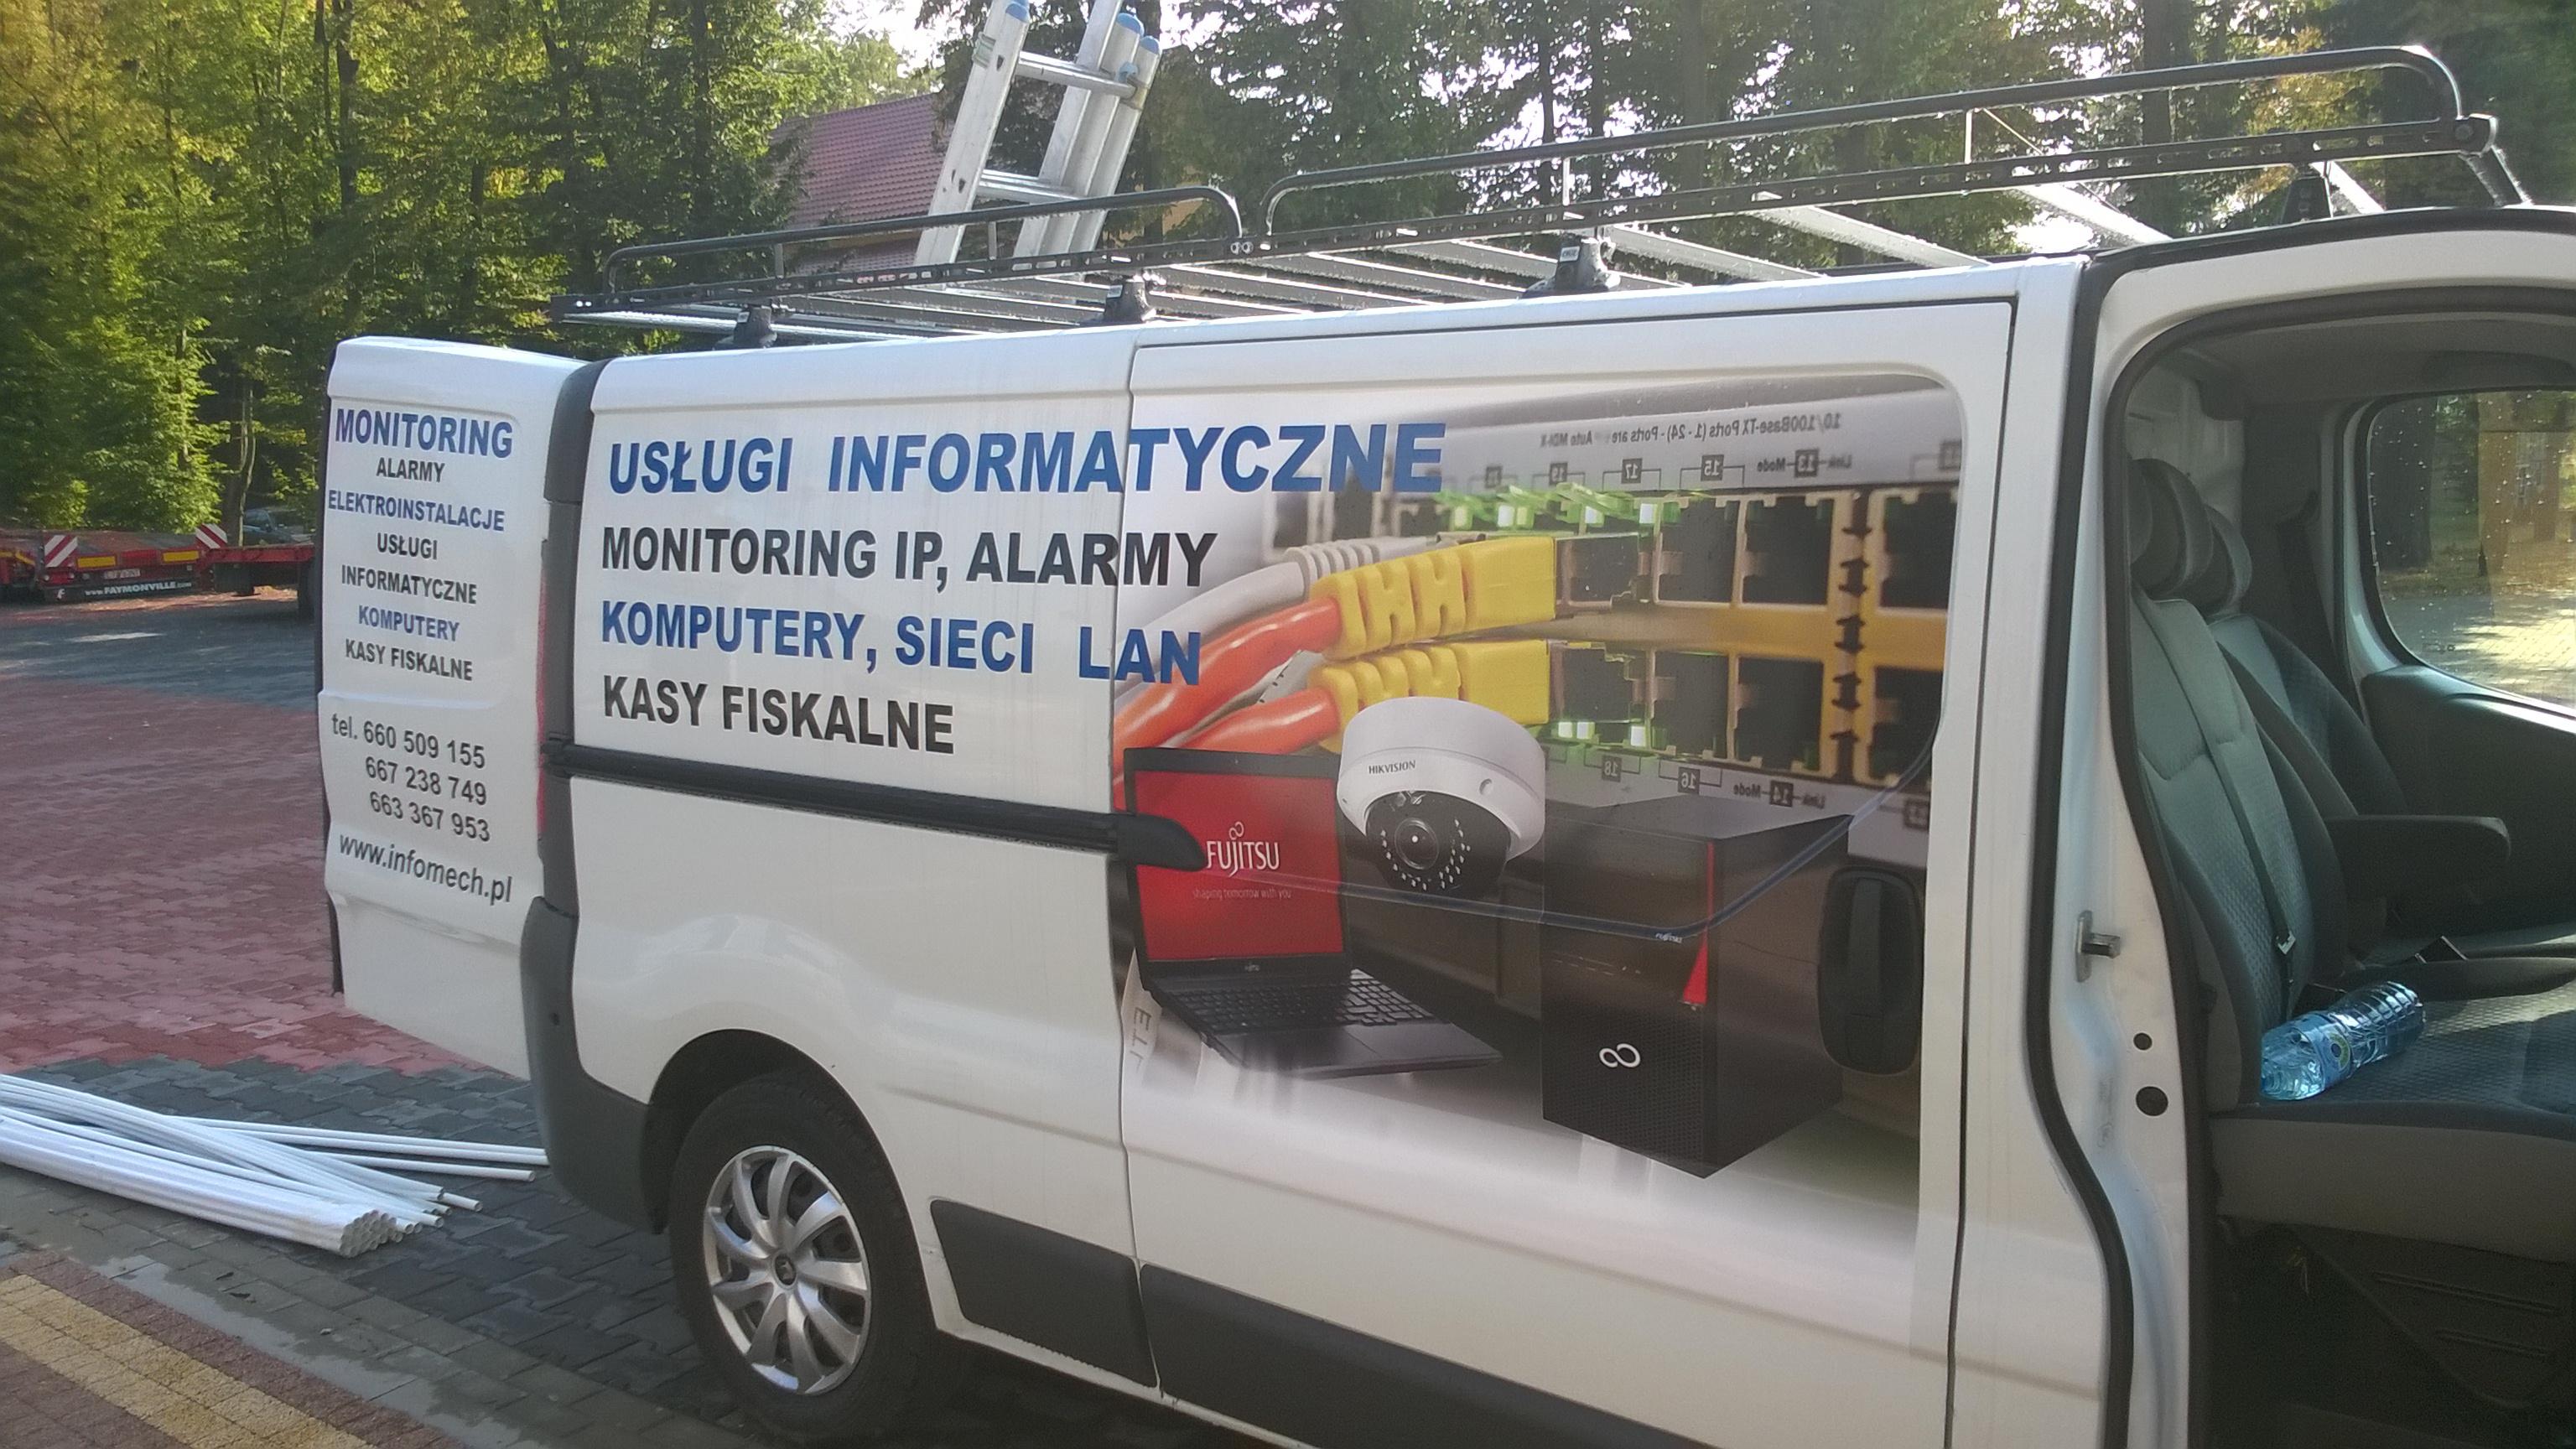 bus-techniczny-infomech-instalacje-elektryczne-i-teletechniczne-stalowa-wola-monitoring-bilgoraj-monitoring-zamosc-monitoring-stalowa-wola-infomech-mielec-alarmy-2